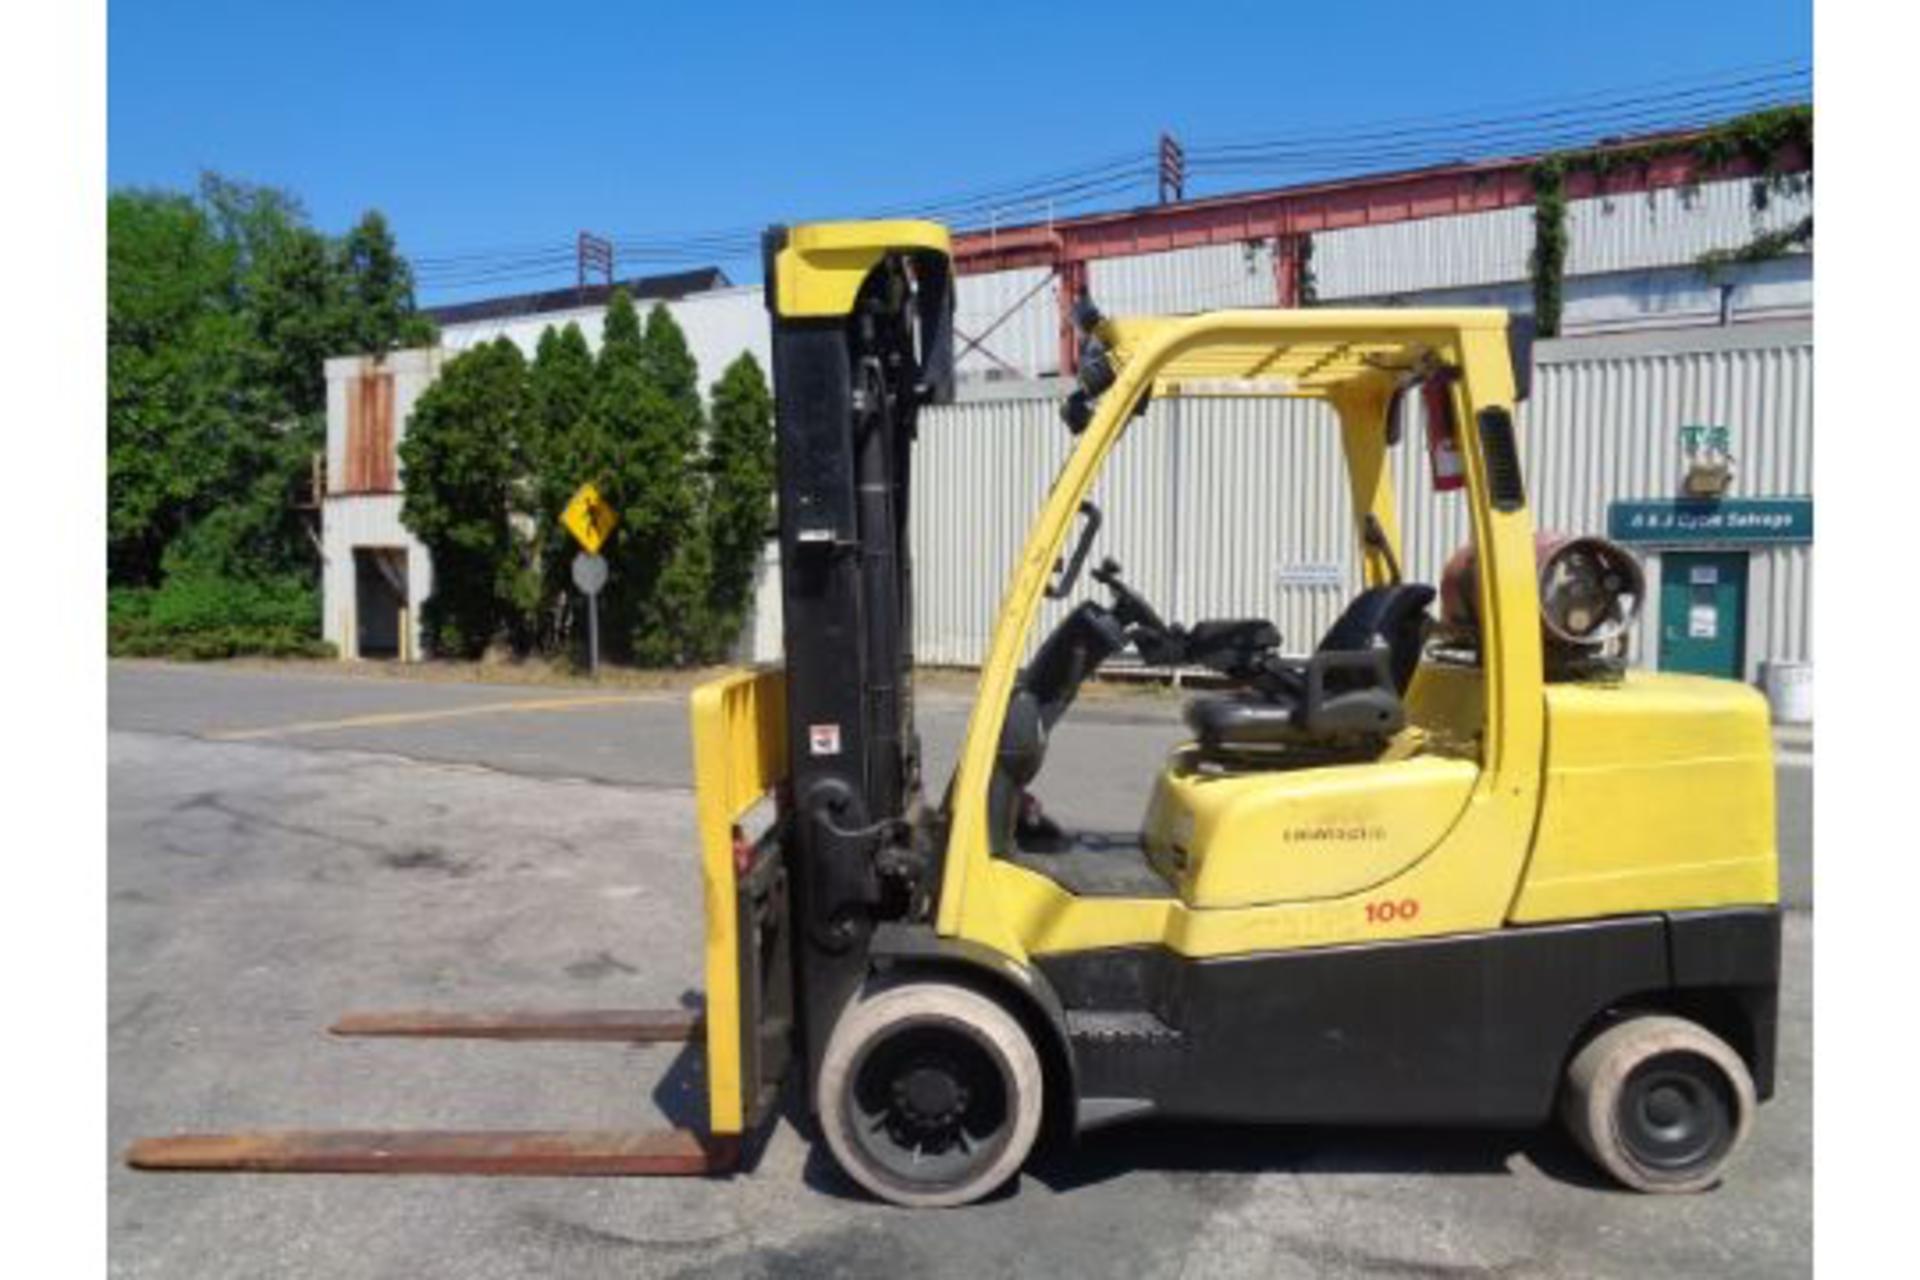 Lot 48 - Hyster S100FT 10,000lb Forklift